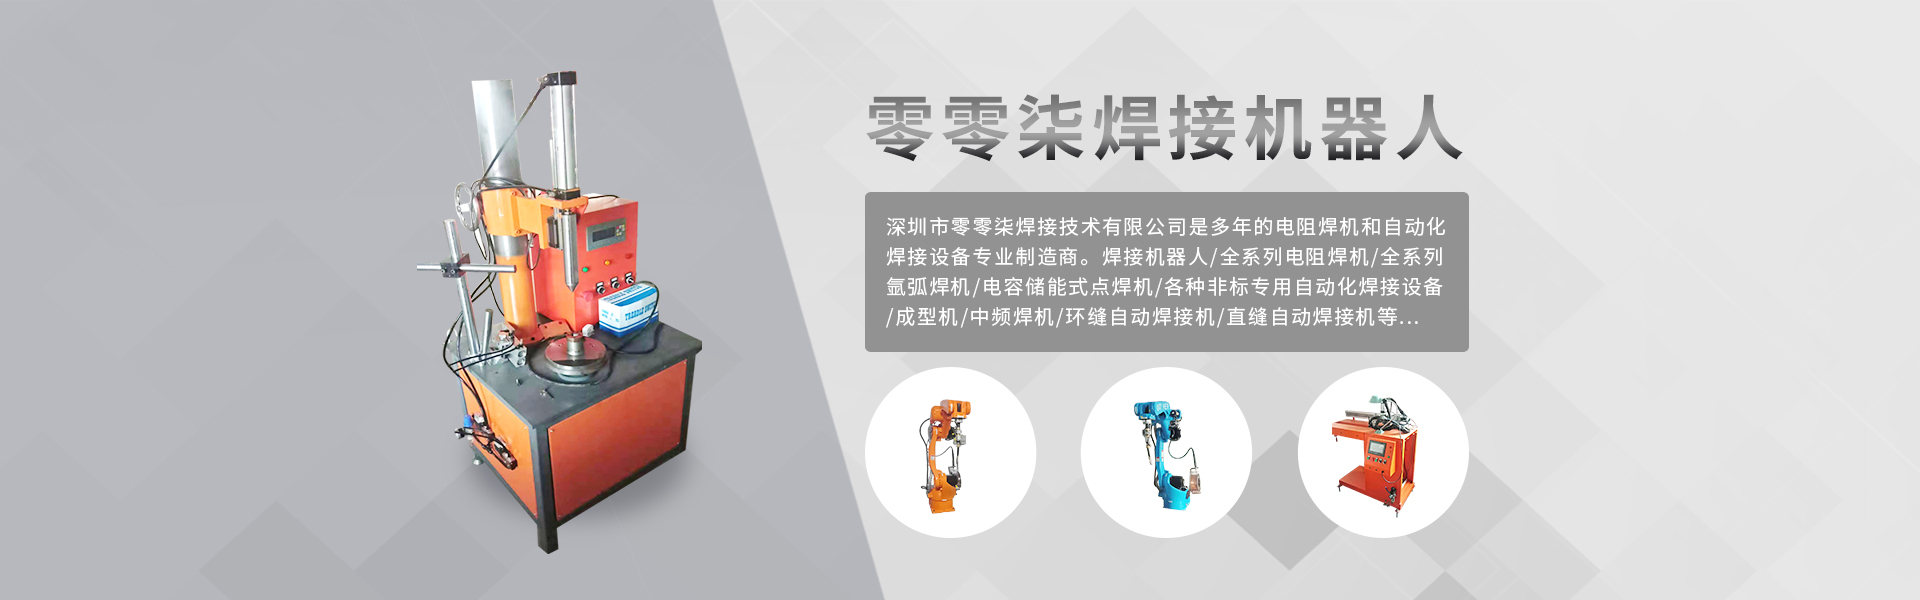 氩弧自动焊机